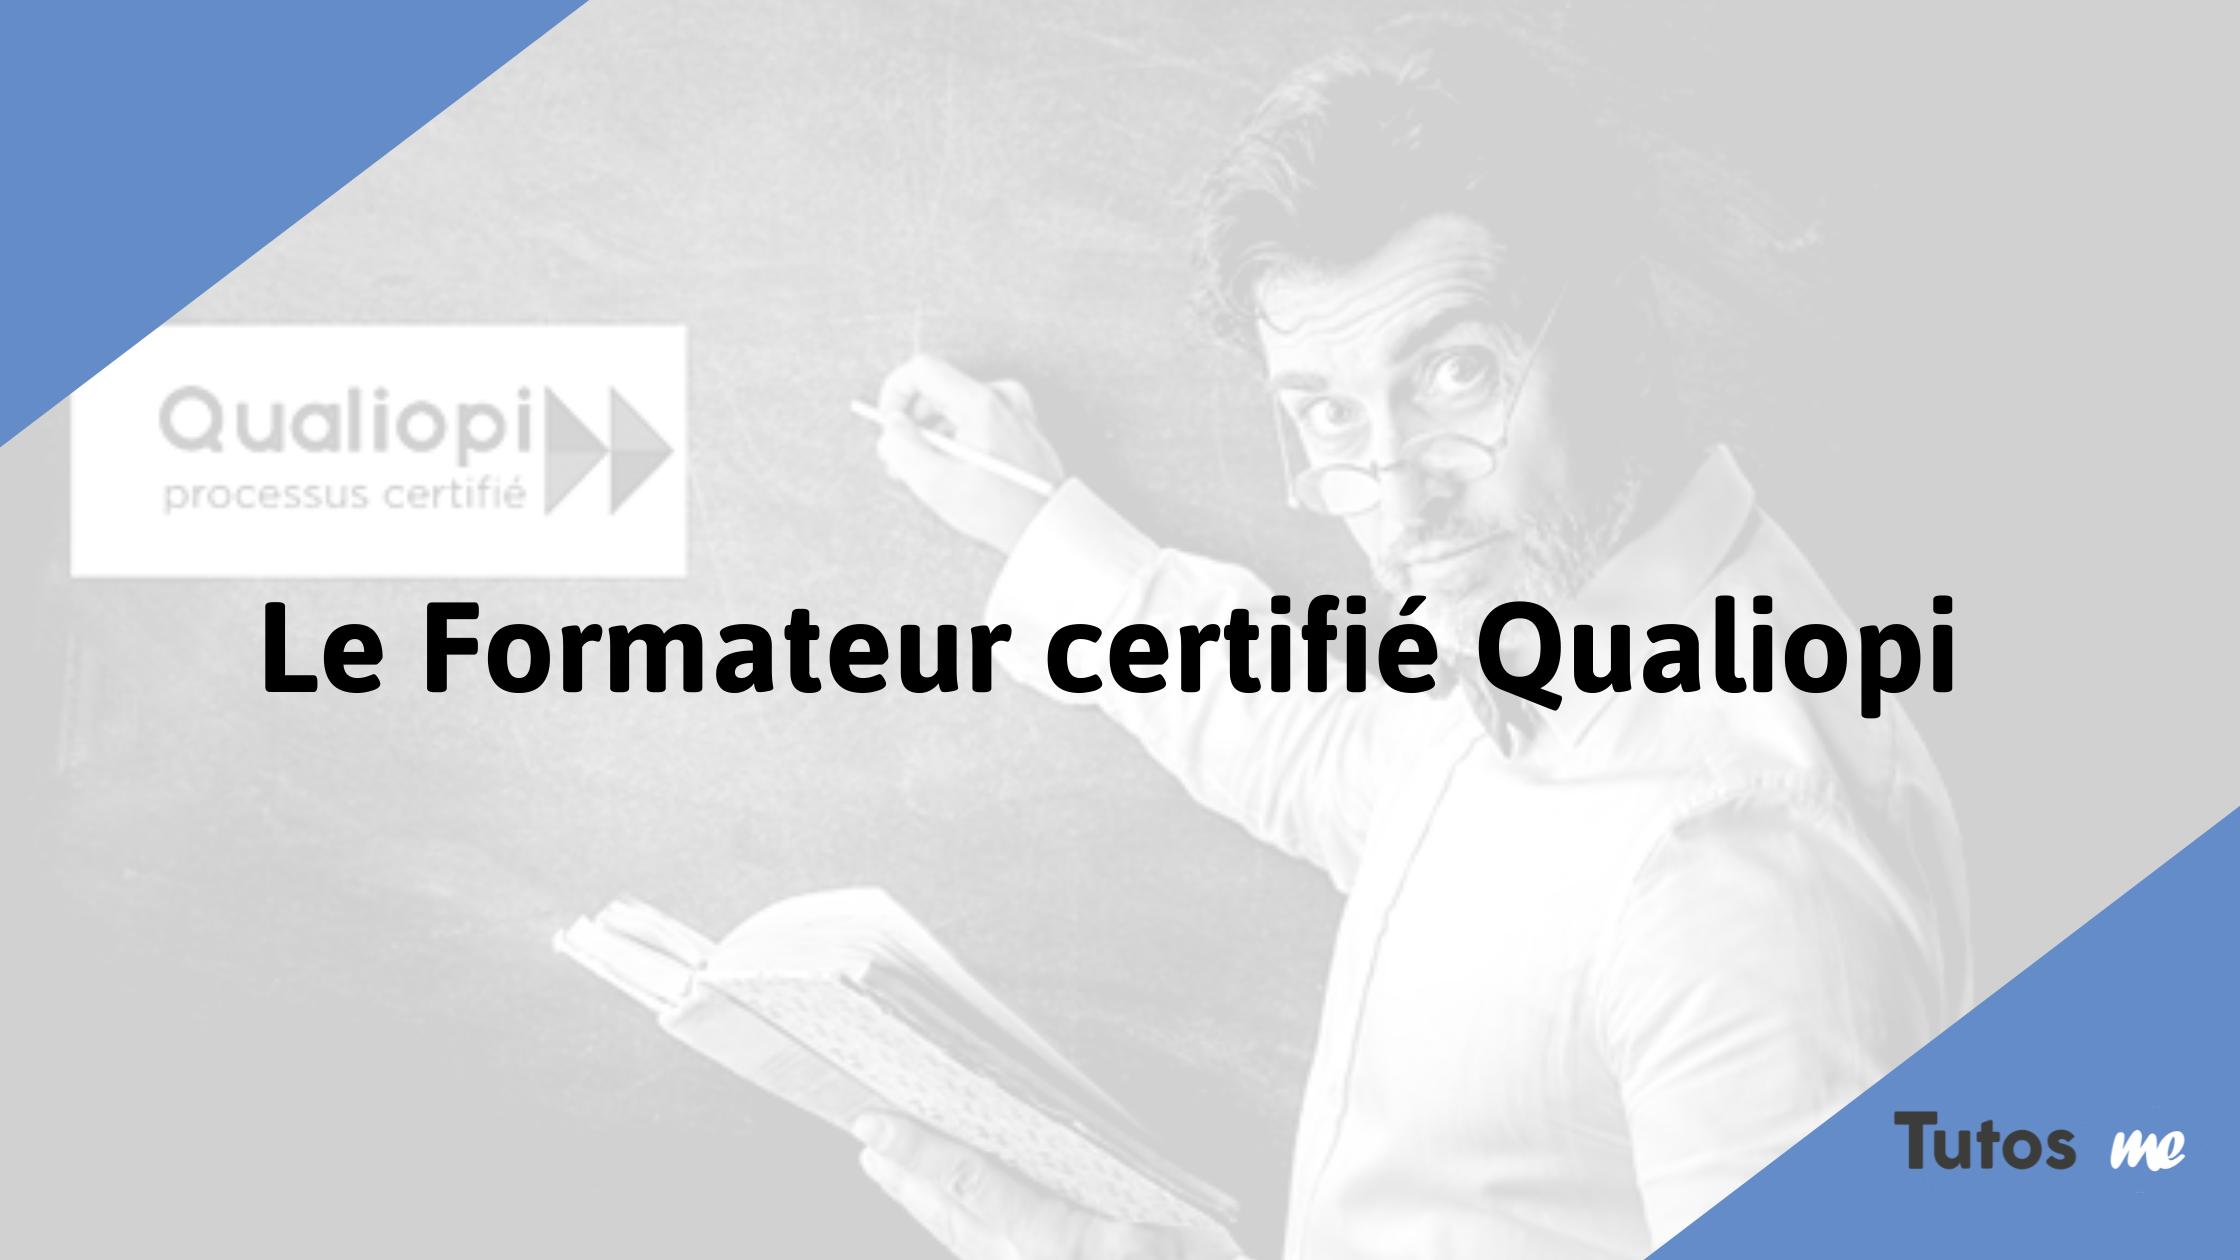 Le Formateur certifié Qualiopi